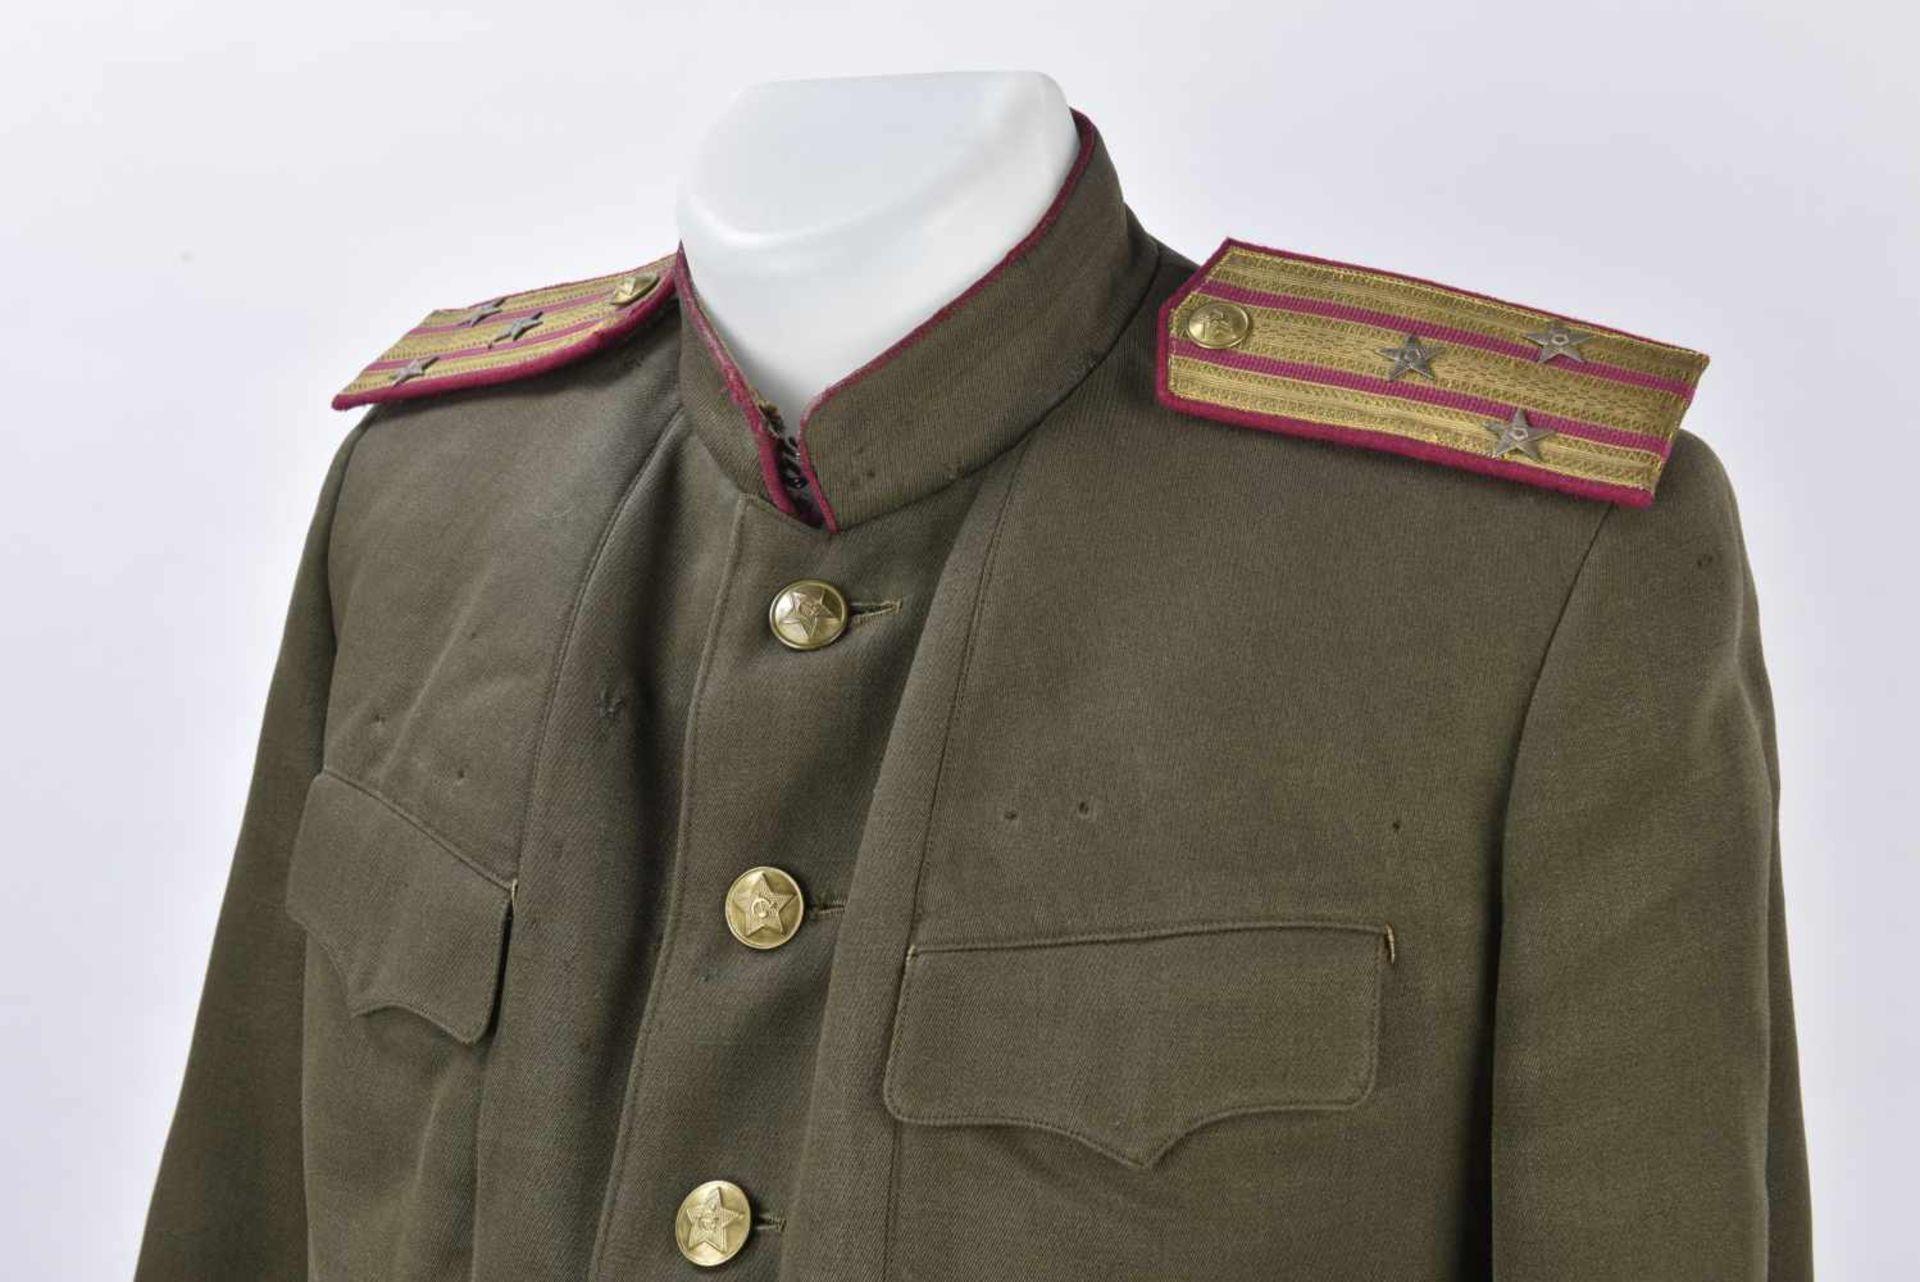 Ensemble comprenant Kittel d'un Polkovnik de l'infanterie Complet, pattes d'épaules parade et - Bild 2 aus 4